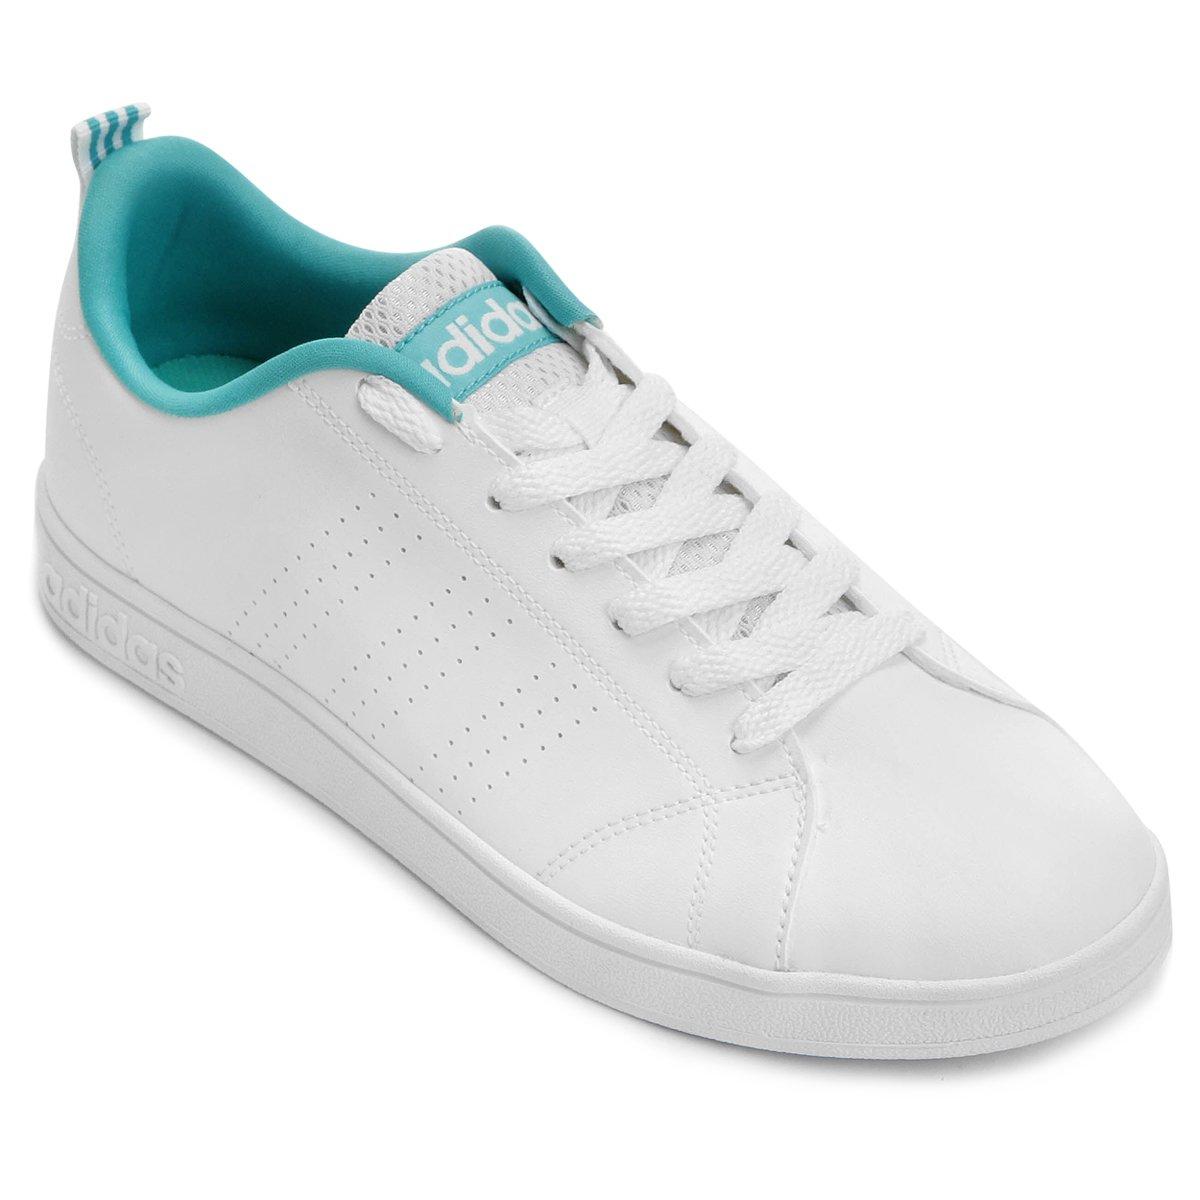 72d5e4e347b Tênis Adidas Advantage Clean Vs - Compre Agora